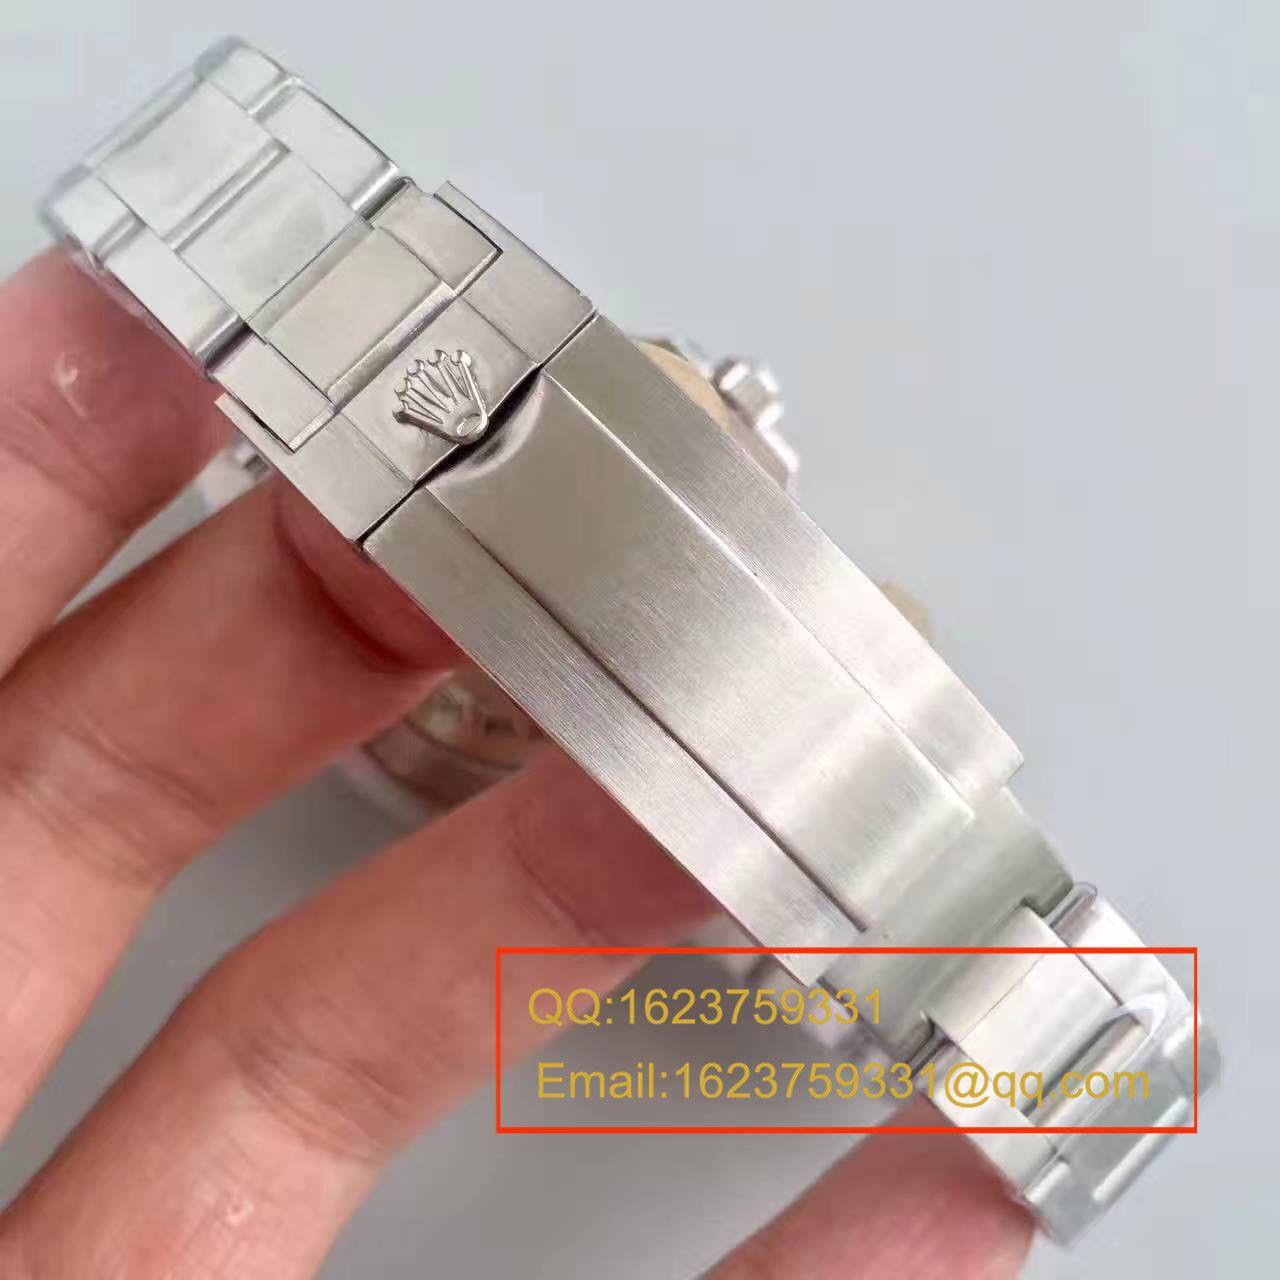 【N厂一比一复刻手表】劳力士V7特别版 美国殿堂级街头品牌SUPREME,与Rolex推出的订制版 / R026